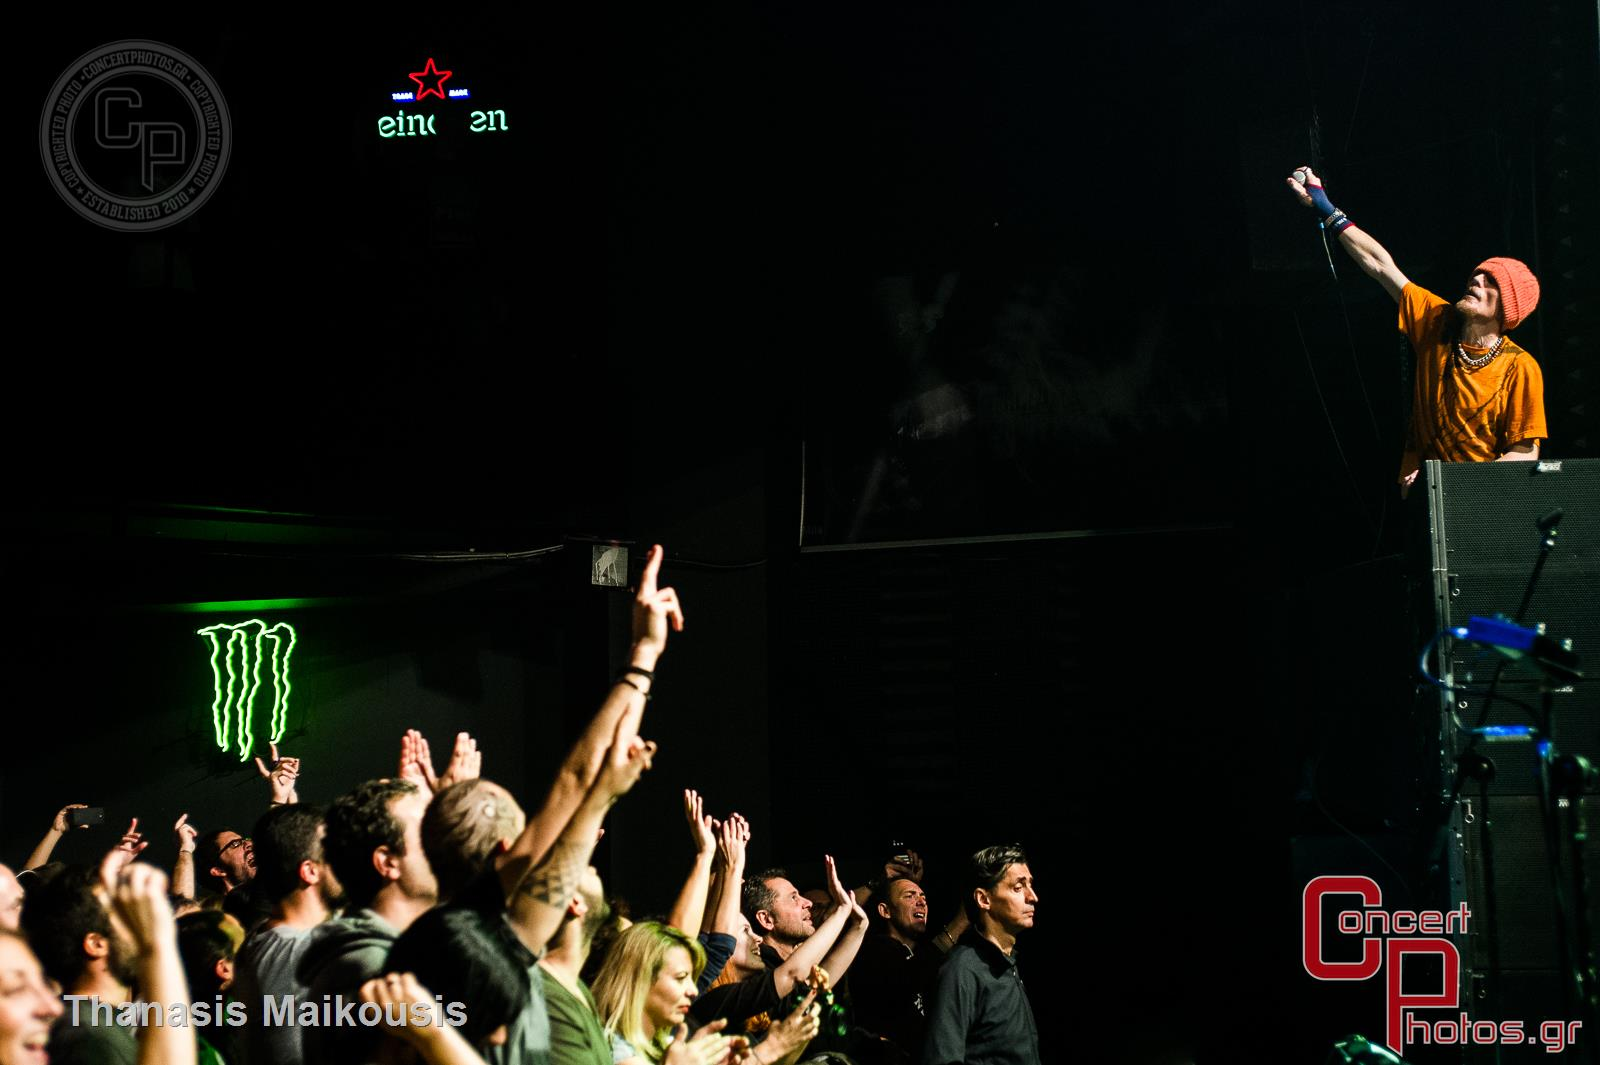 Stereo Mc's-Stereo Mcs photographer: Thanasis Maikousis - ConcertPhotos - 20141129_2347_15